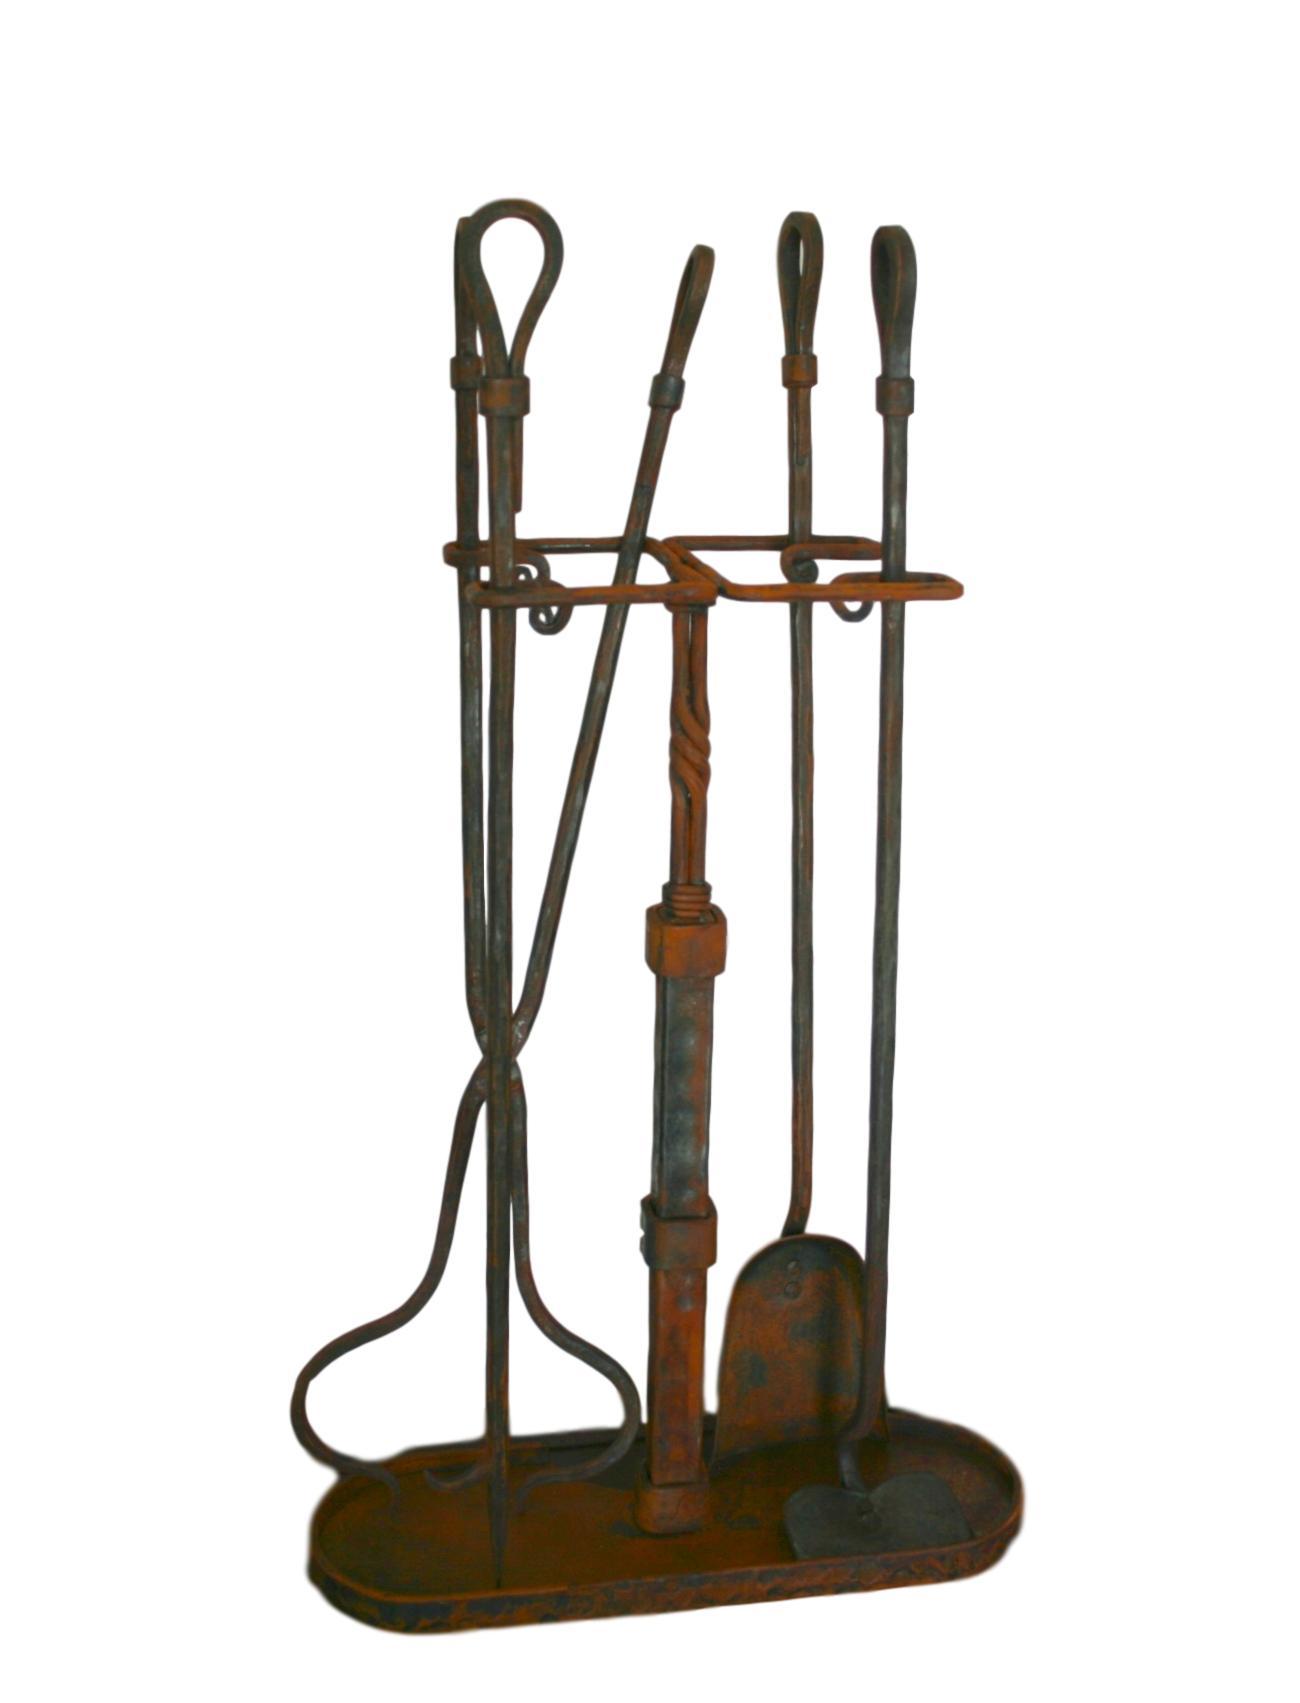 Rustic Tool Set